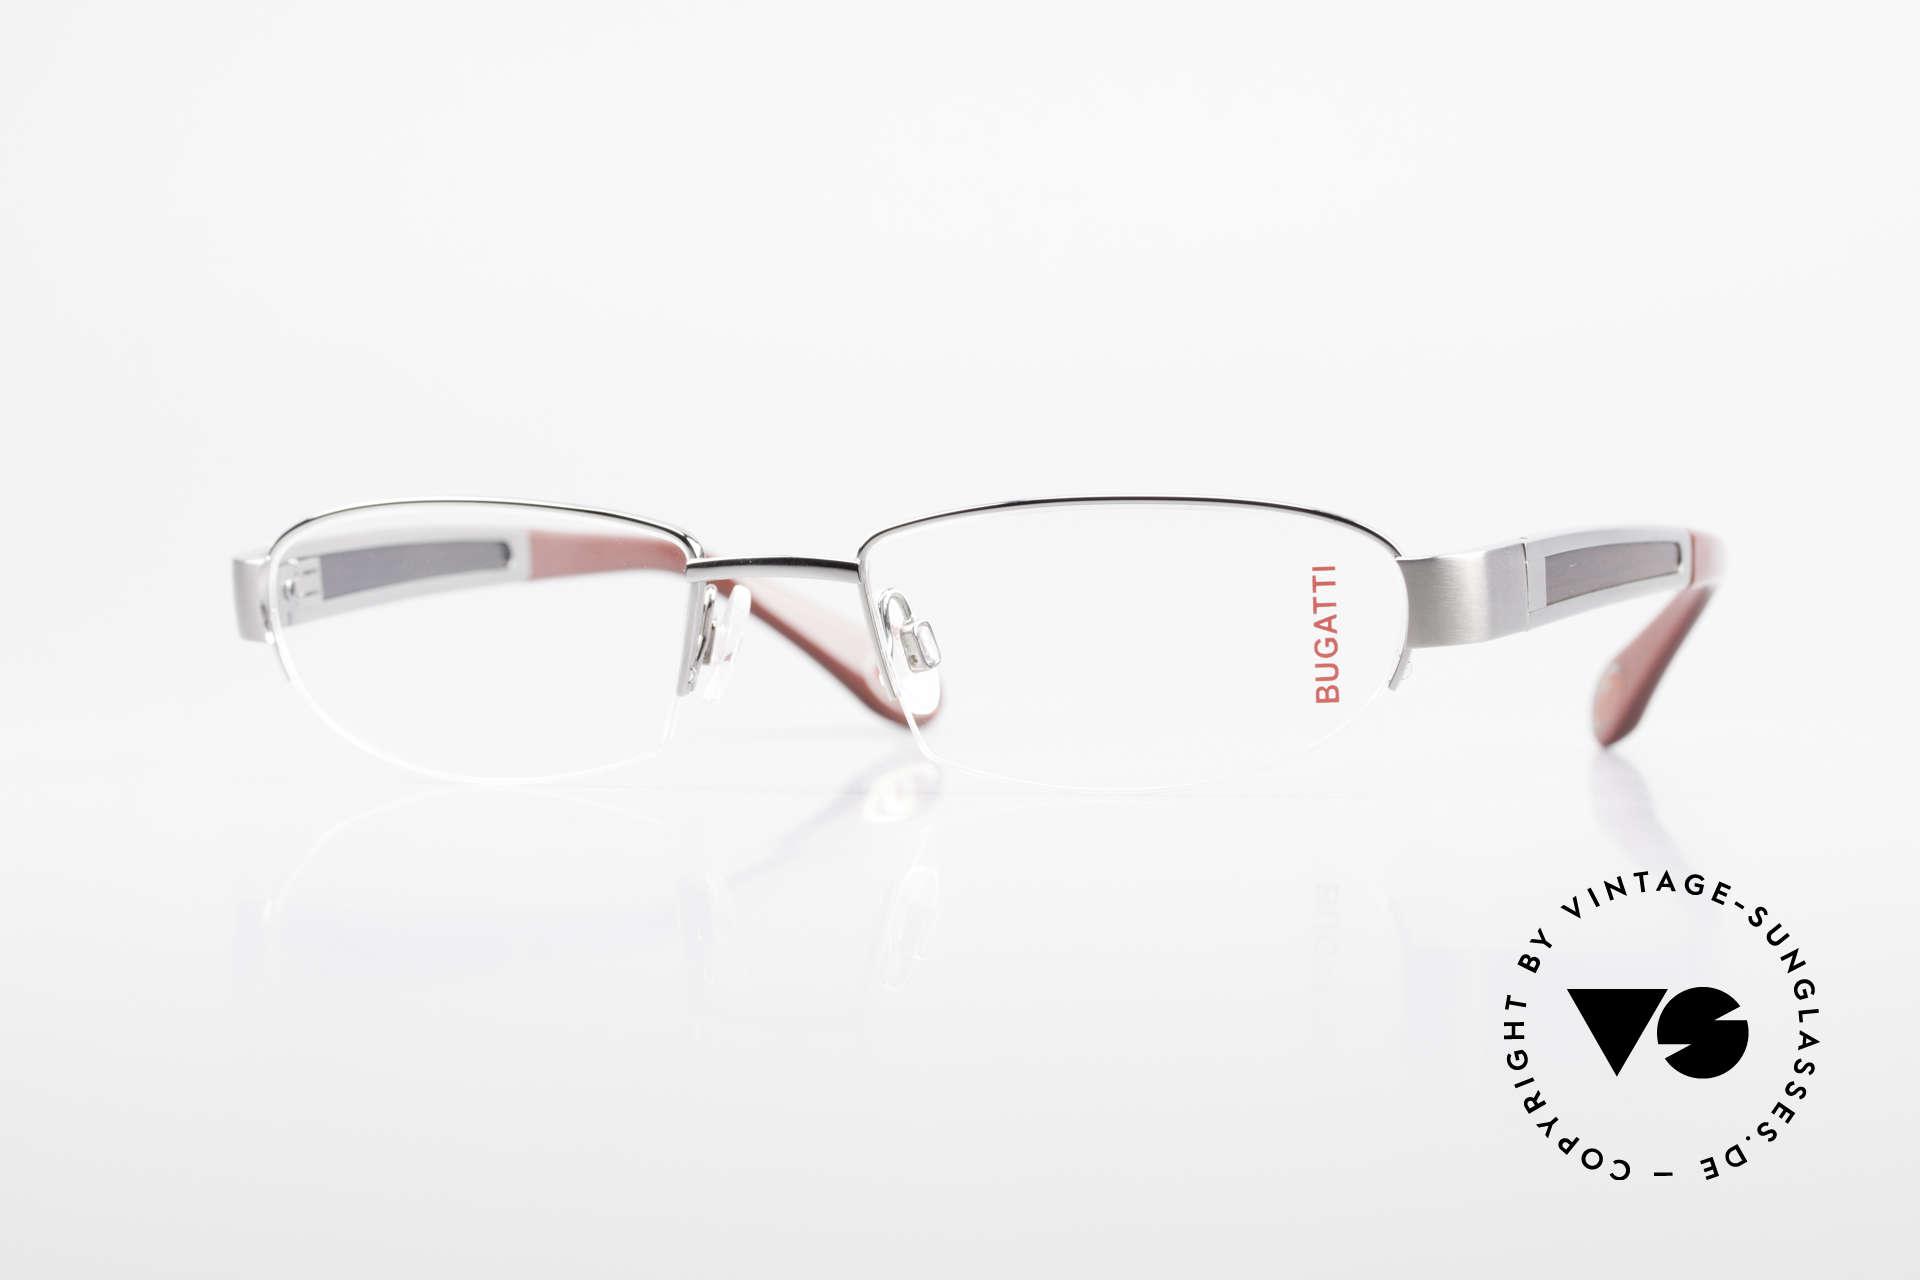 Bugatti 520 Ebenholz Brille Ruthenium, BUGATTI LUXUS-Brille 520 in unfassbarer Qualität, Passend für Herren